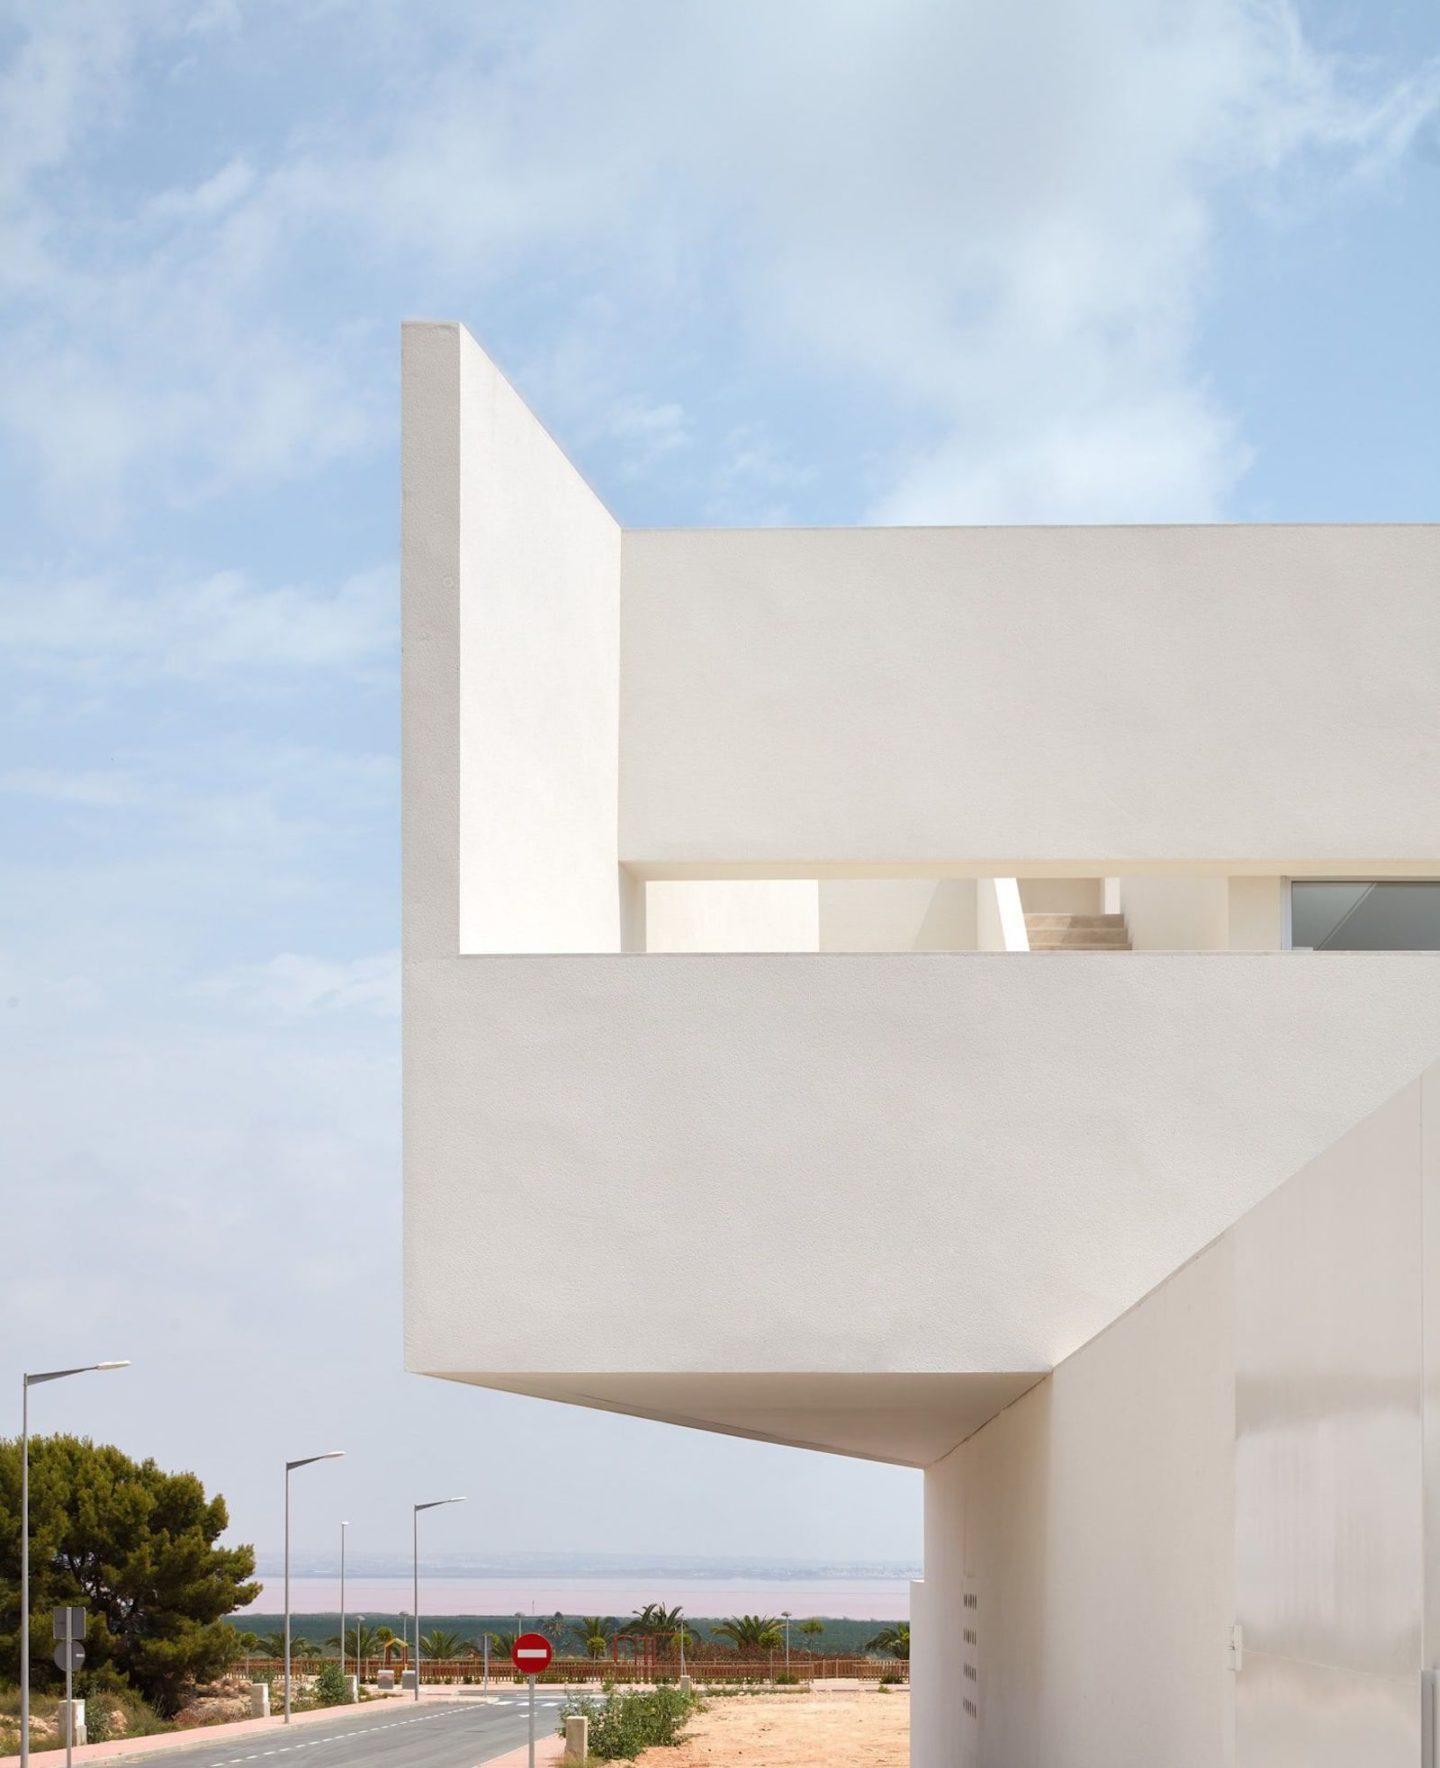 lGNANT-Architecture-Balzar-Arquitectos-Mirasal-007